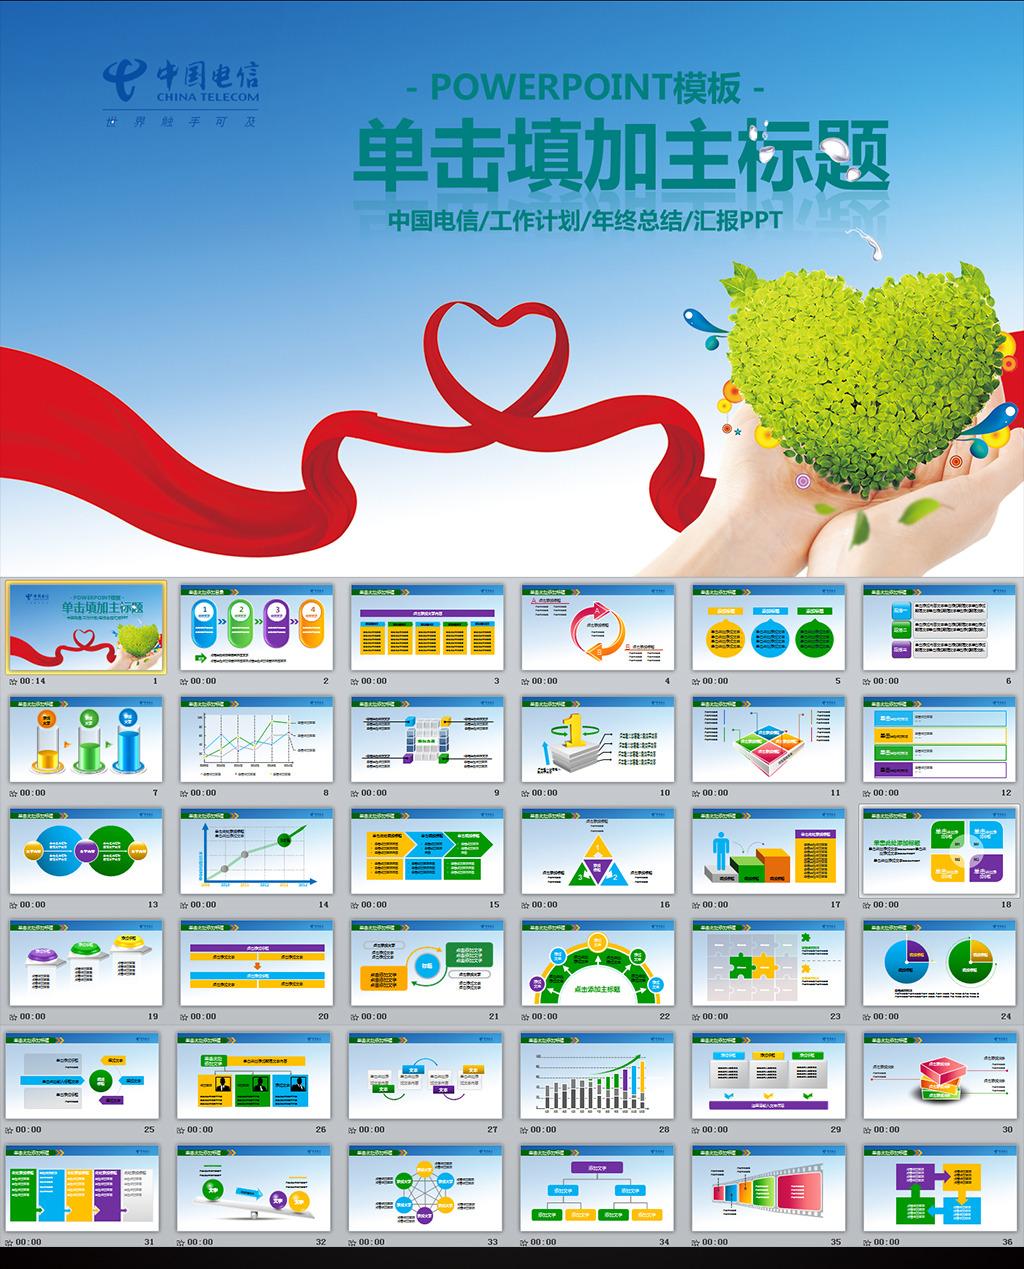 天翼4G手机宽带中国电信动态PPT模板模板下载 天翼4G手机宽带中国电信动态PPT模板图片下载中国电信 天翼 通讯 手机 宽带 PPT PPT模板 PPT图表 动态PPT 会议 报告 座谈 交流 表彰 工作